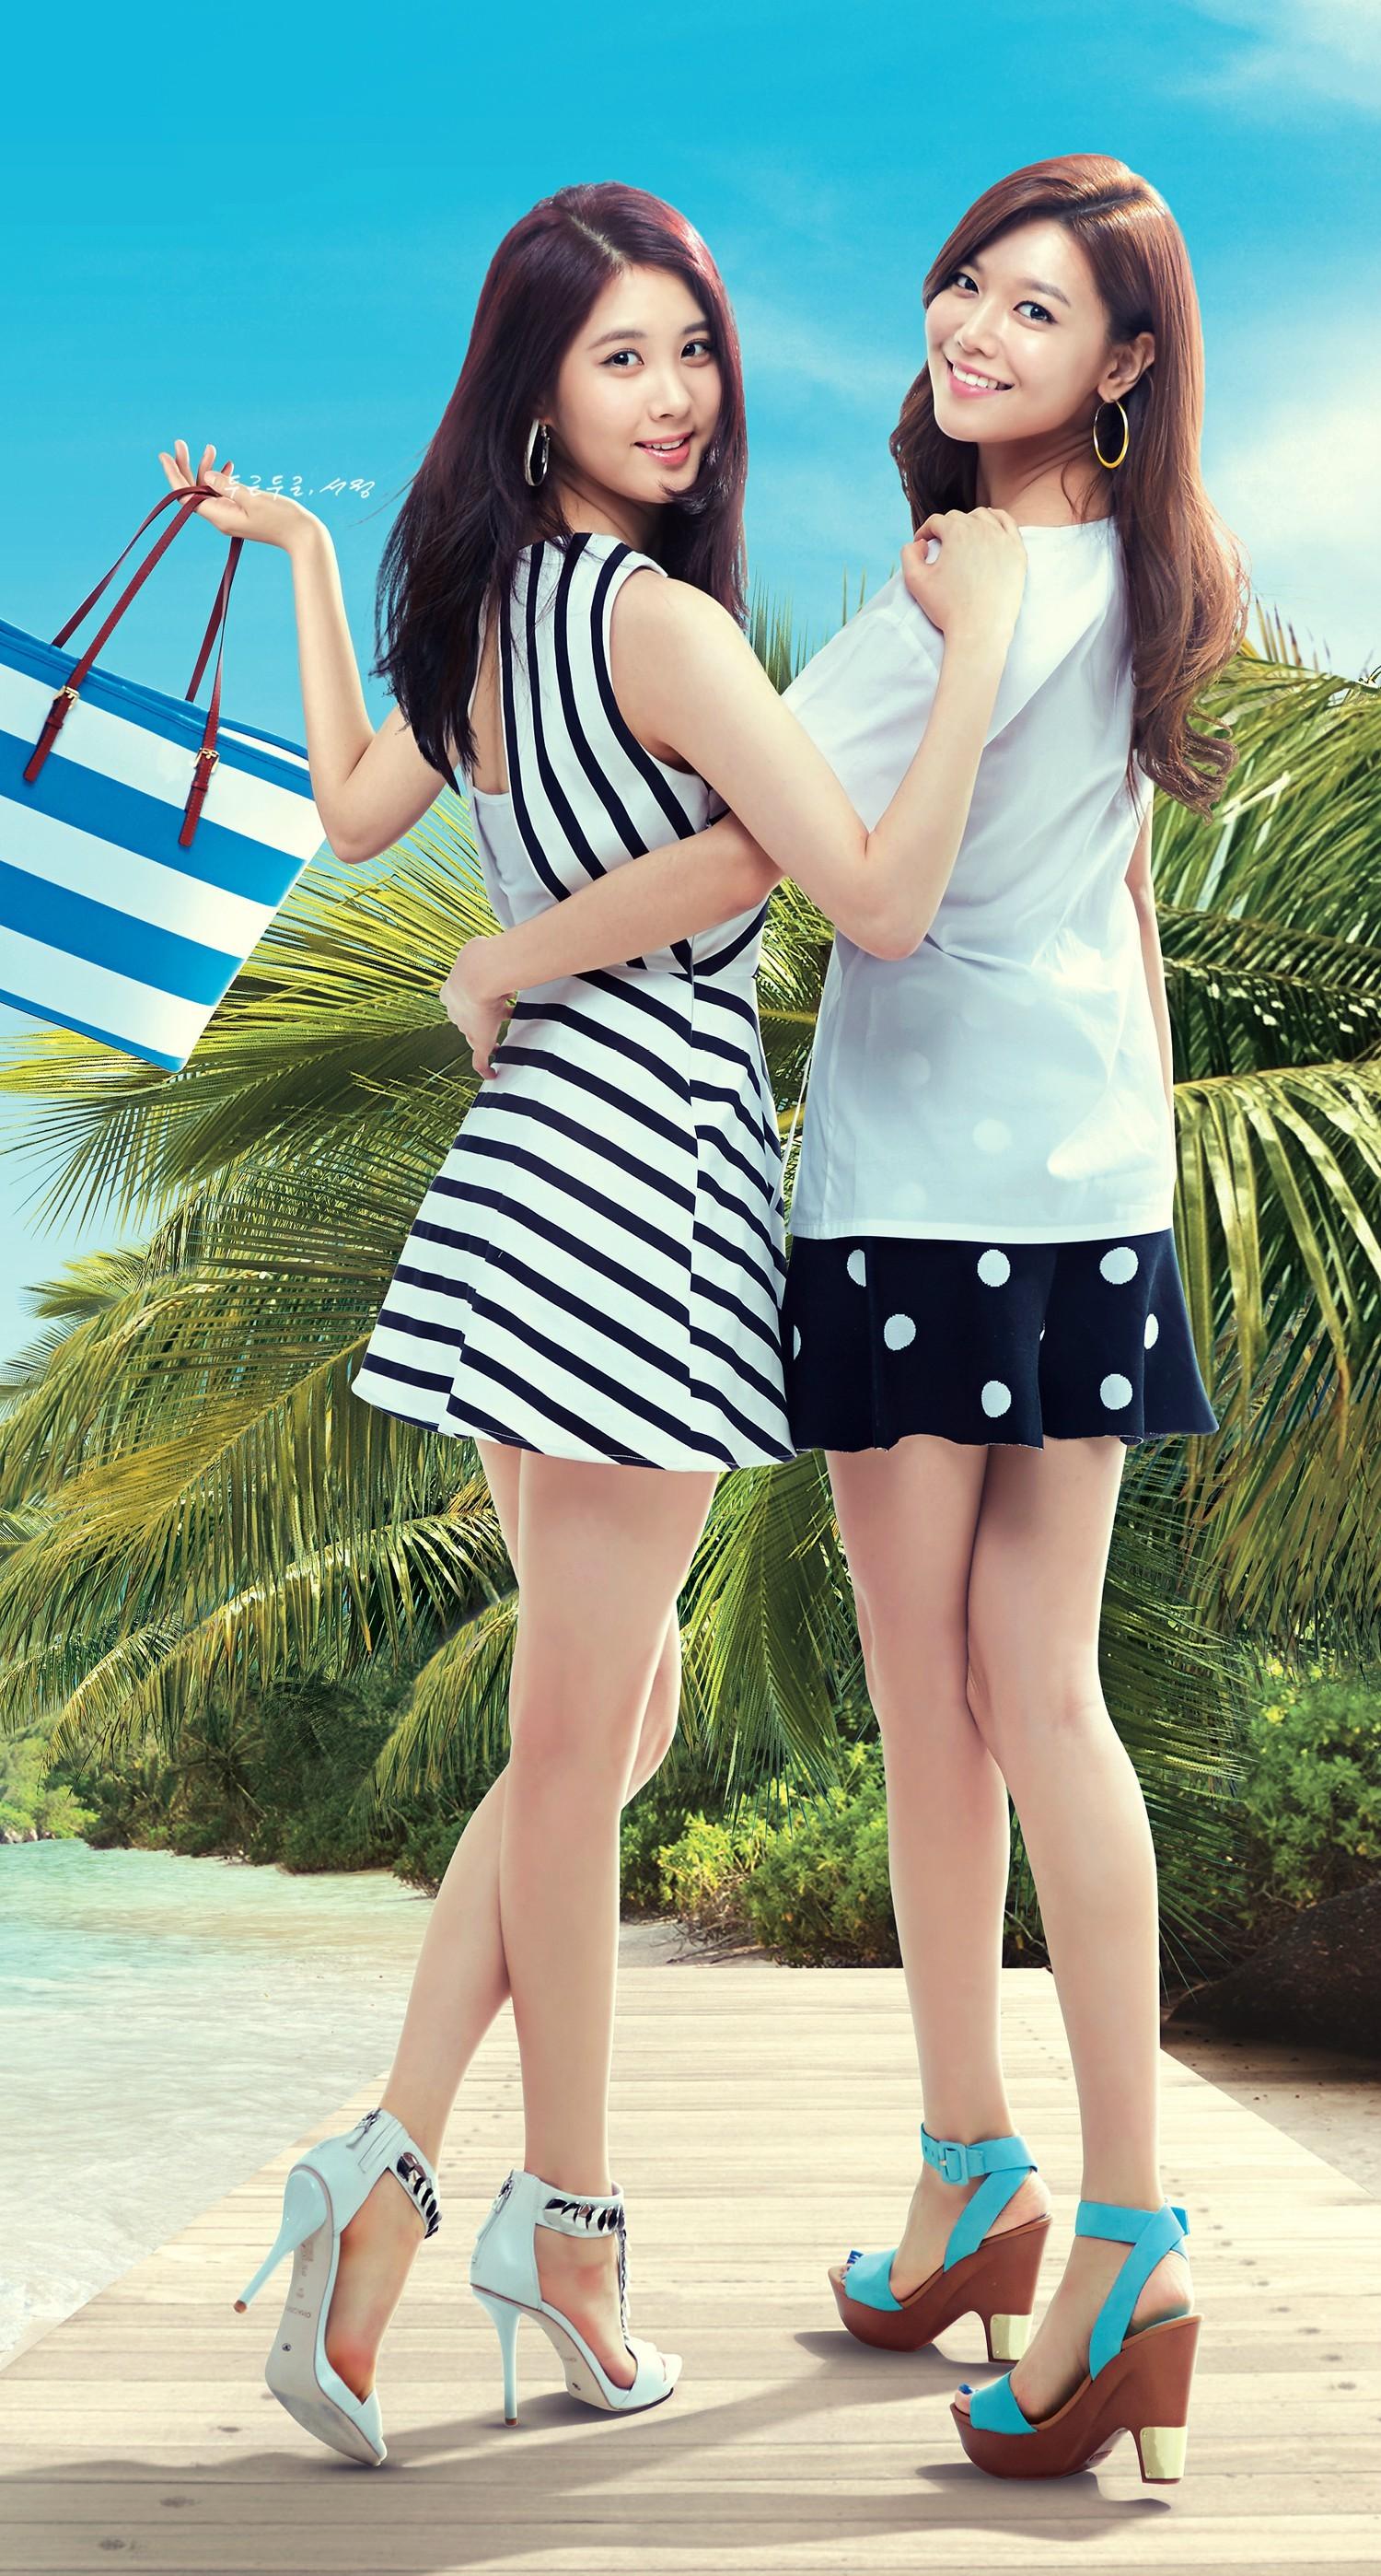 seohyun a luhan datování potvrzenomezinárodní seznamka penpals